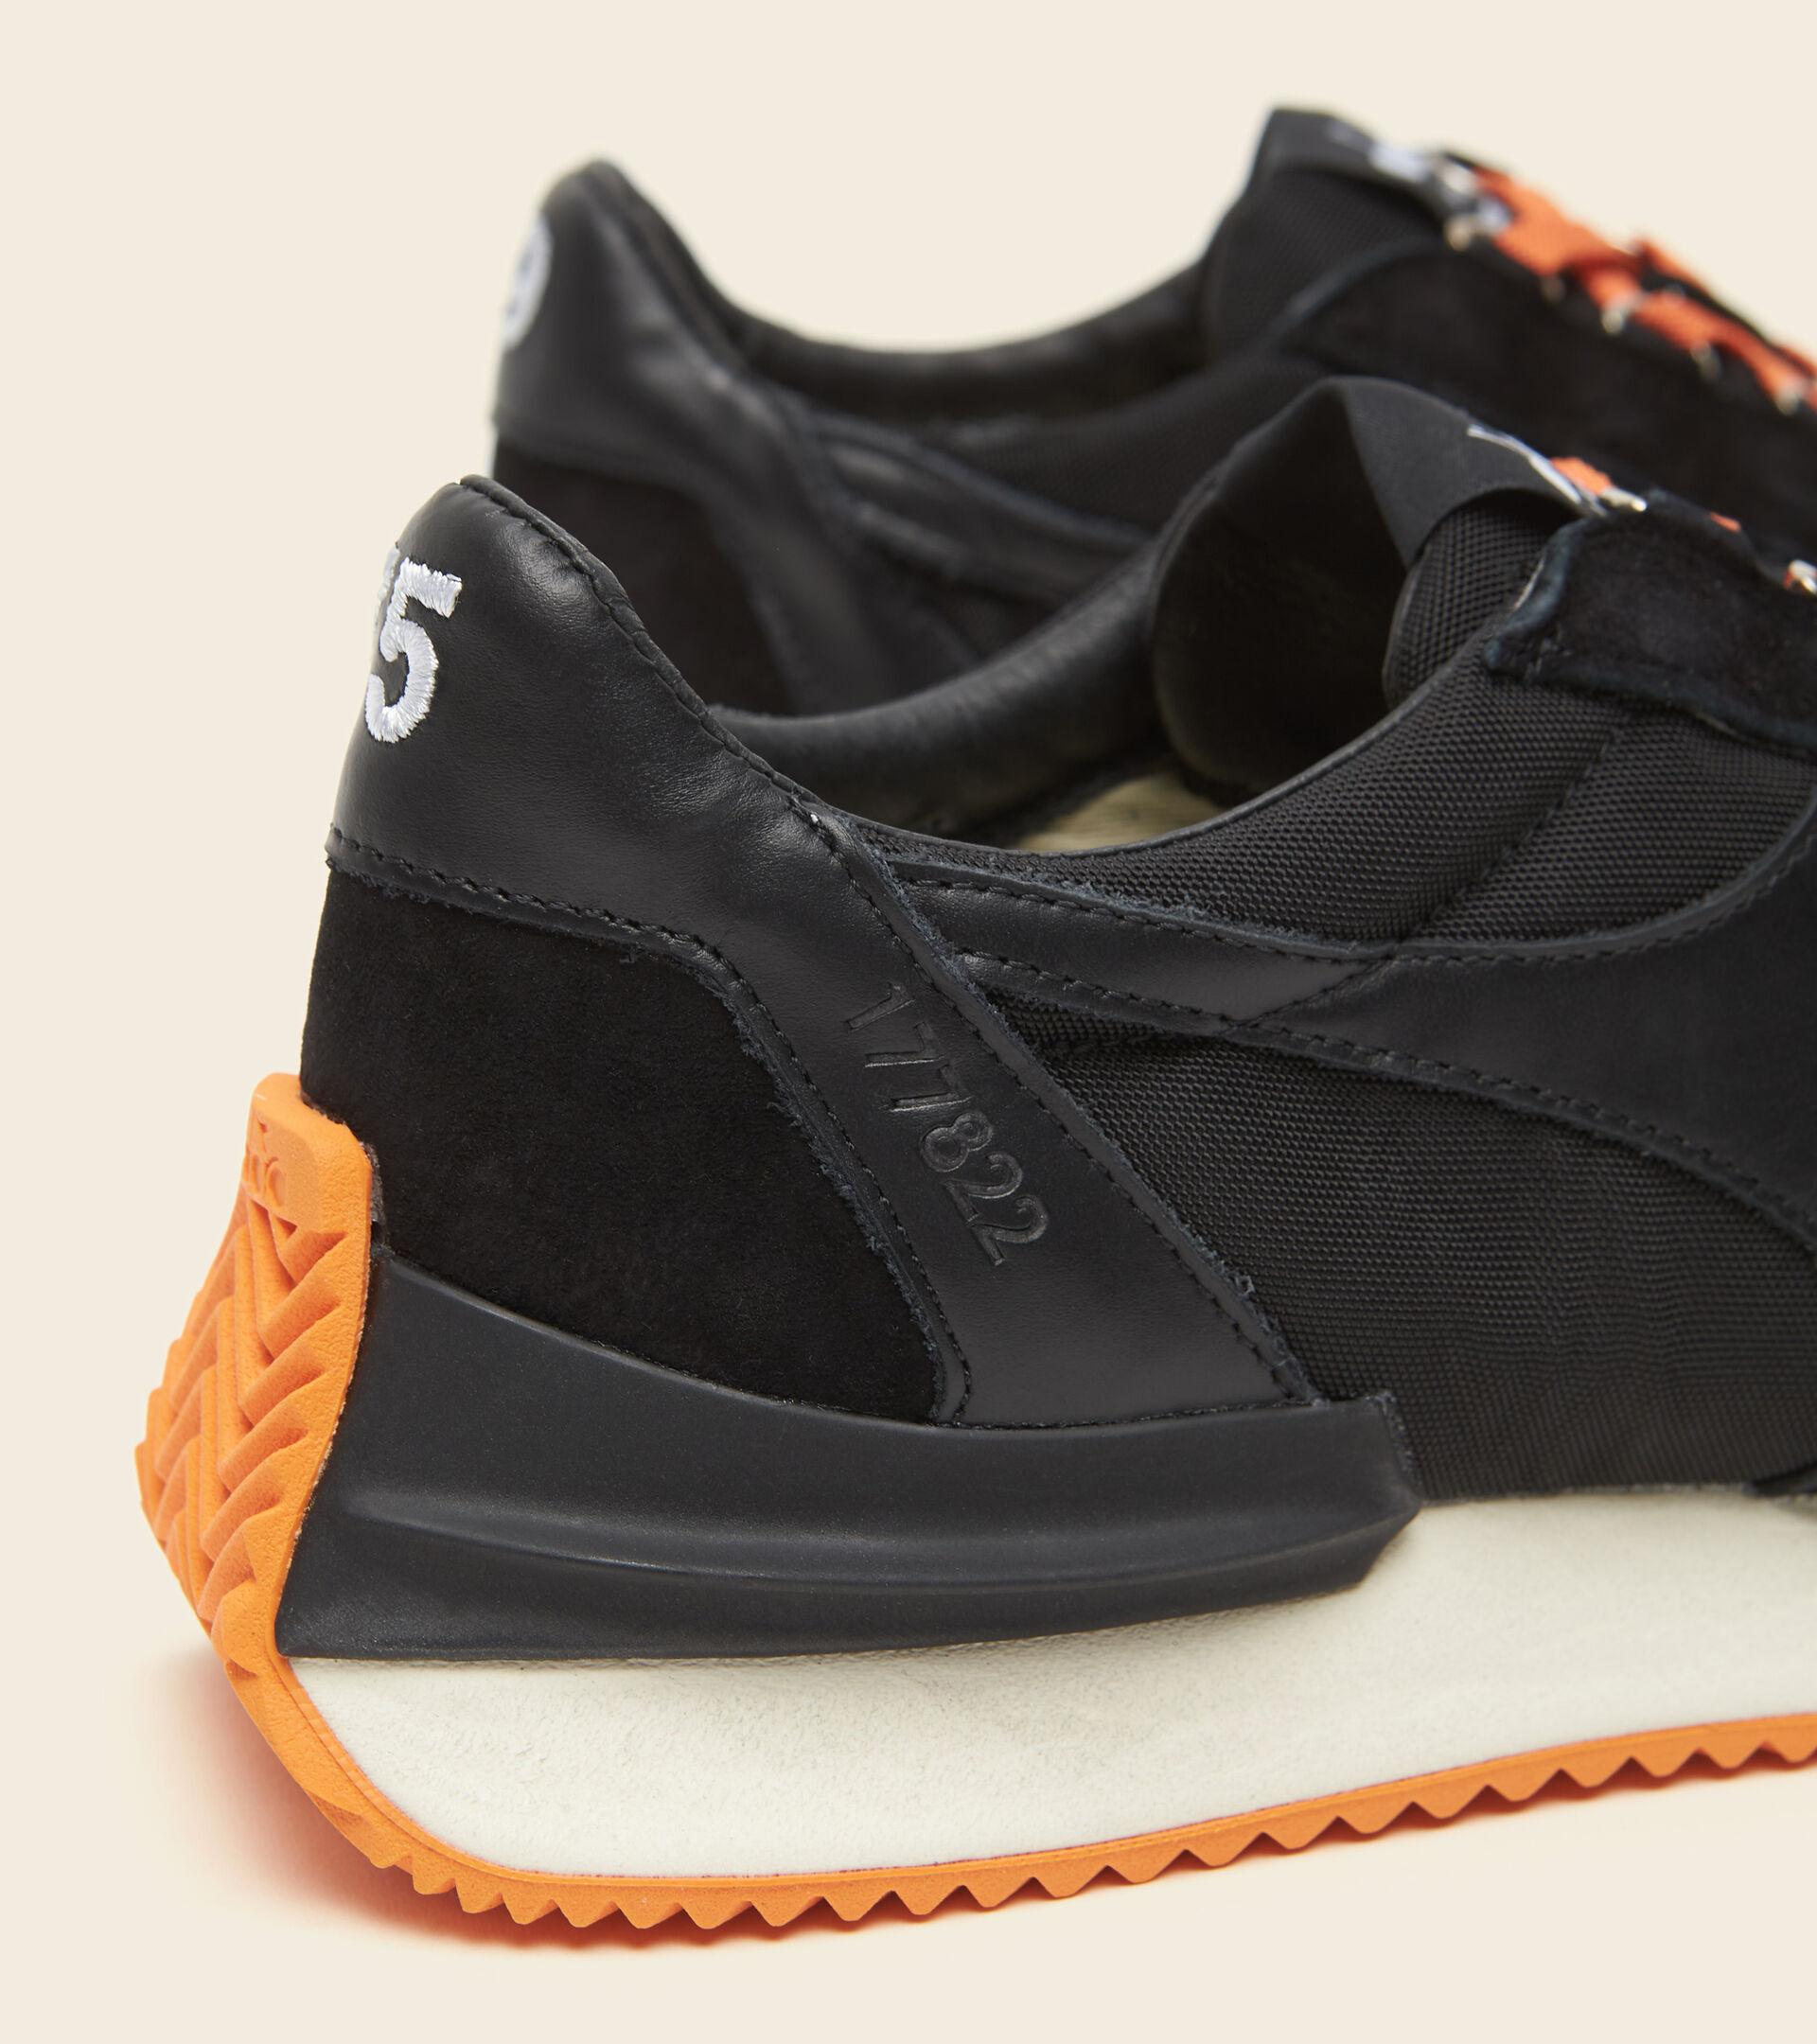 Footwear Heritage UNISEX EQUIPE MAD ITALIA NUBUCK SW NEGRO Diadora